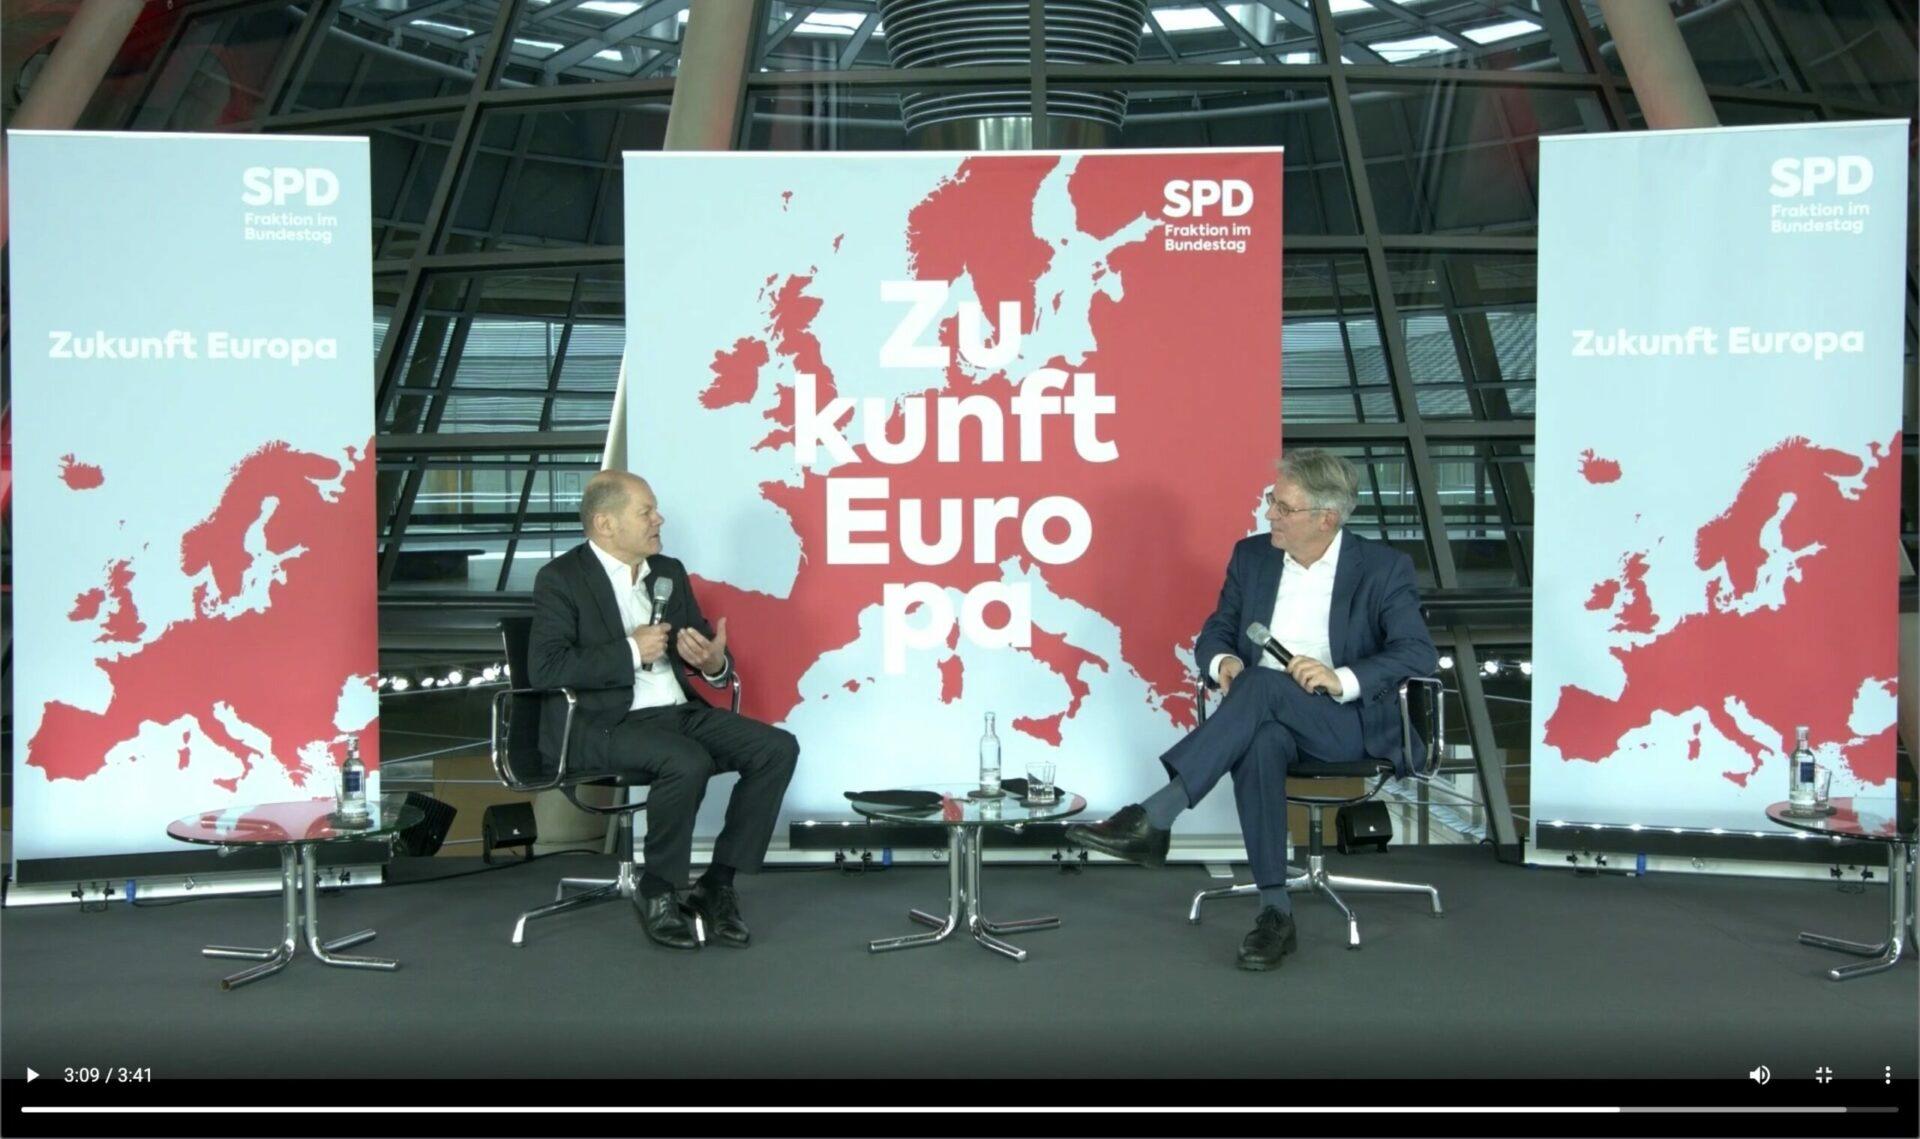 Livestream der SPD-Digitalkonferenz zur Zukunft Europas